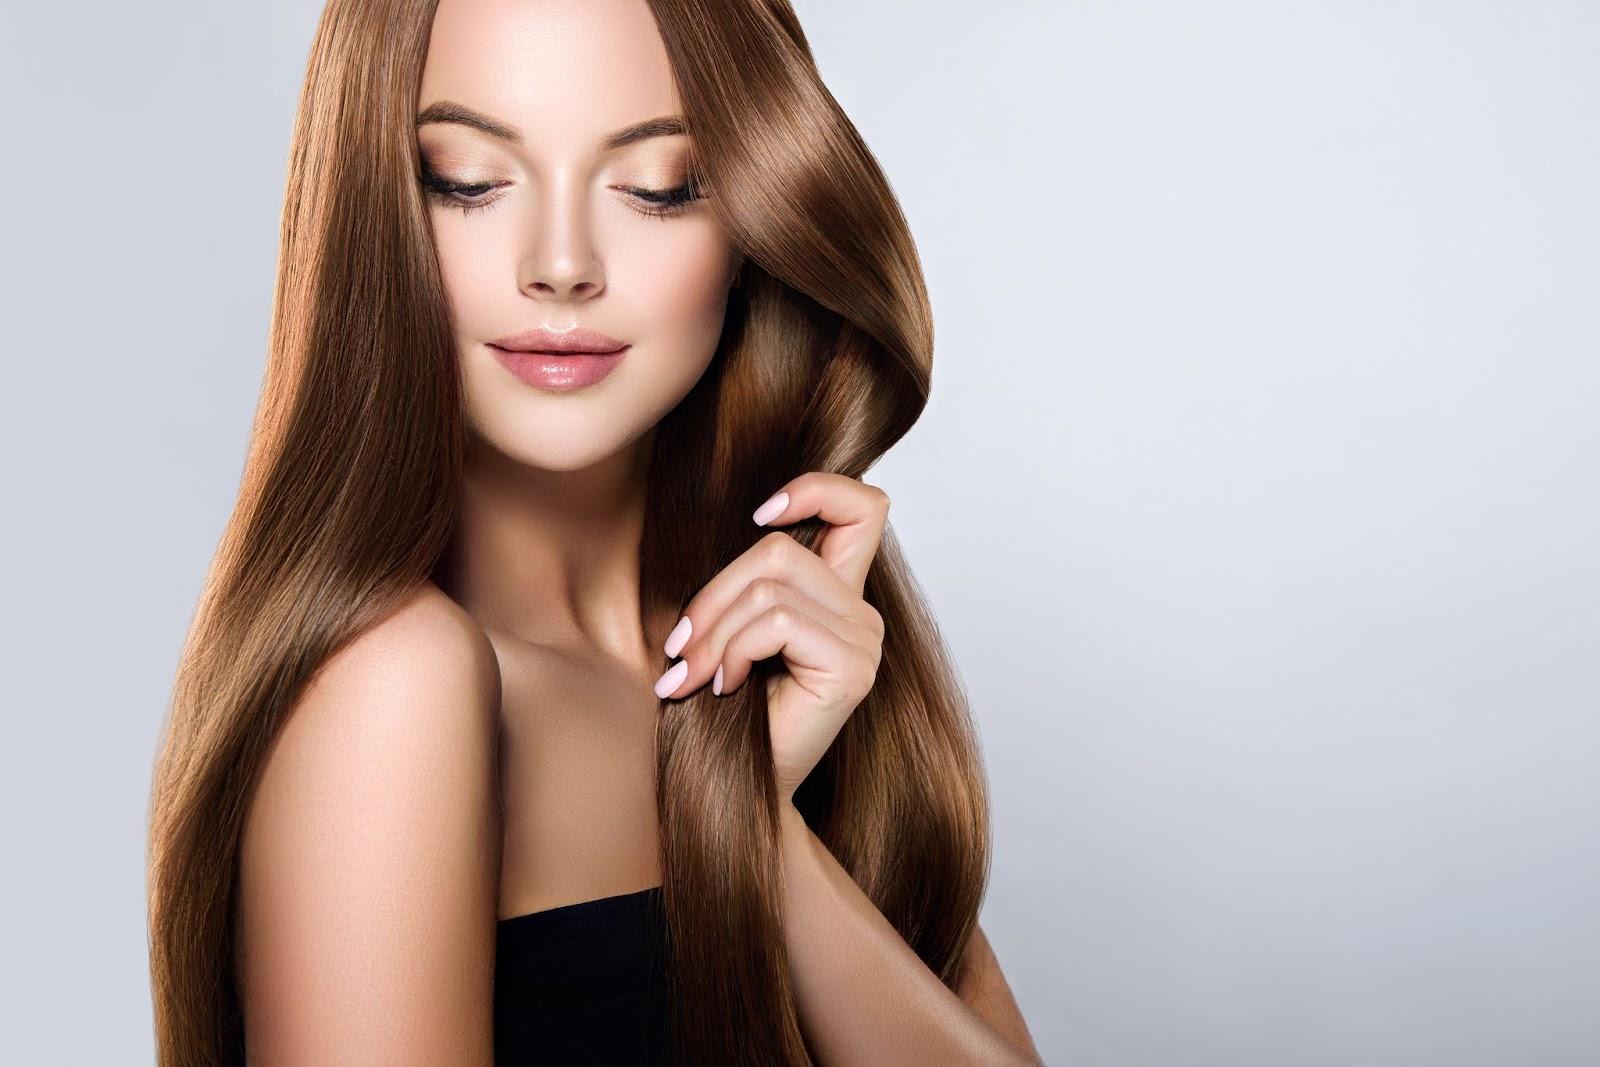 Chăm sóc tóc hư tổn: Bí quyết tạo nên mái tóc suôn mượt như trong mơ - Ảnh 8